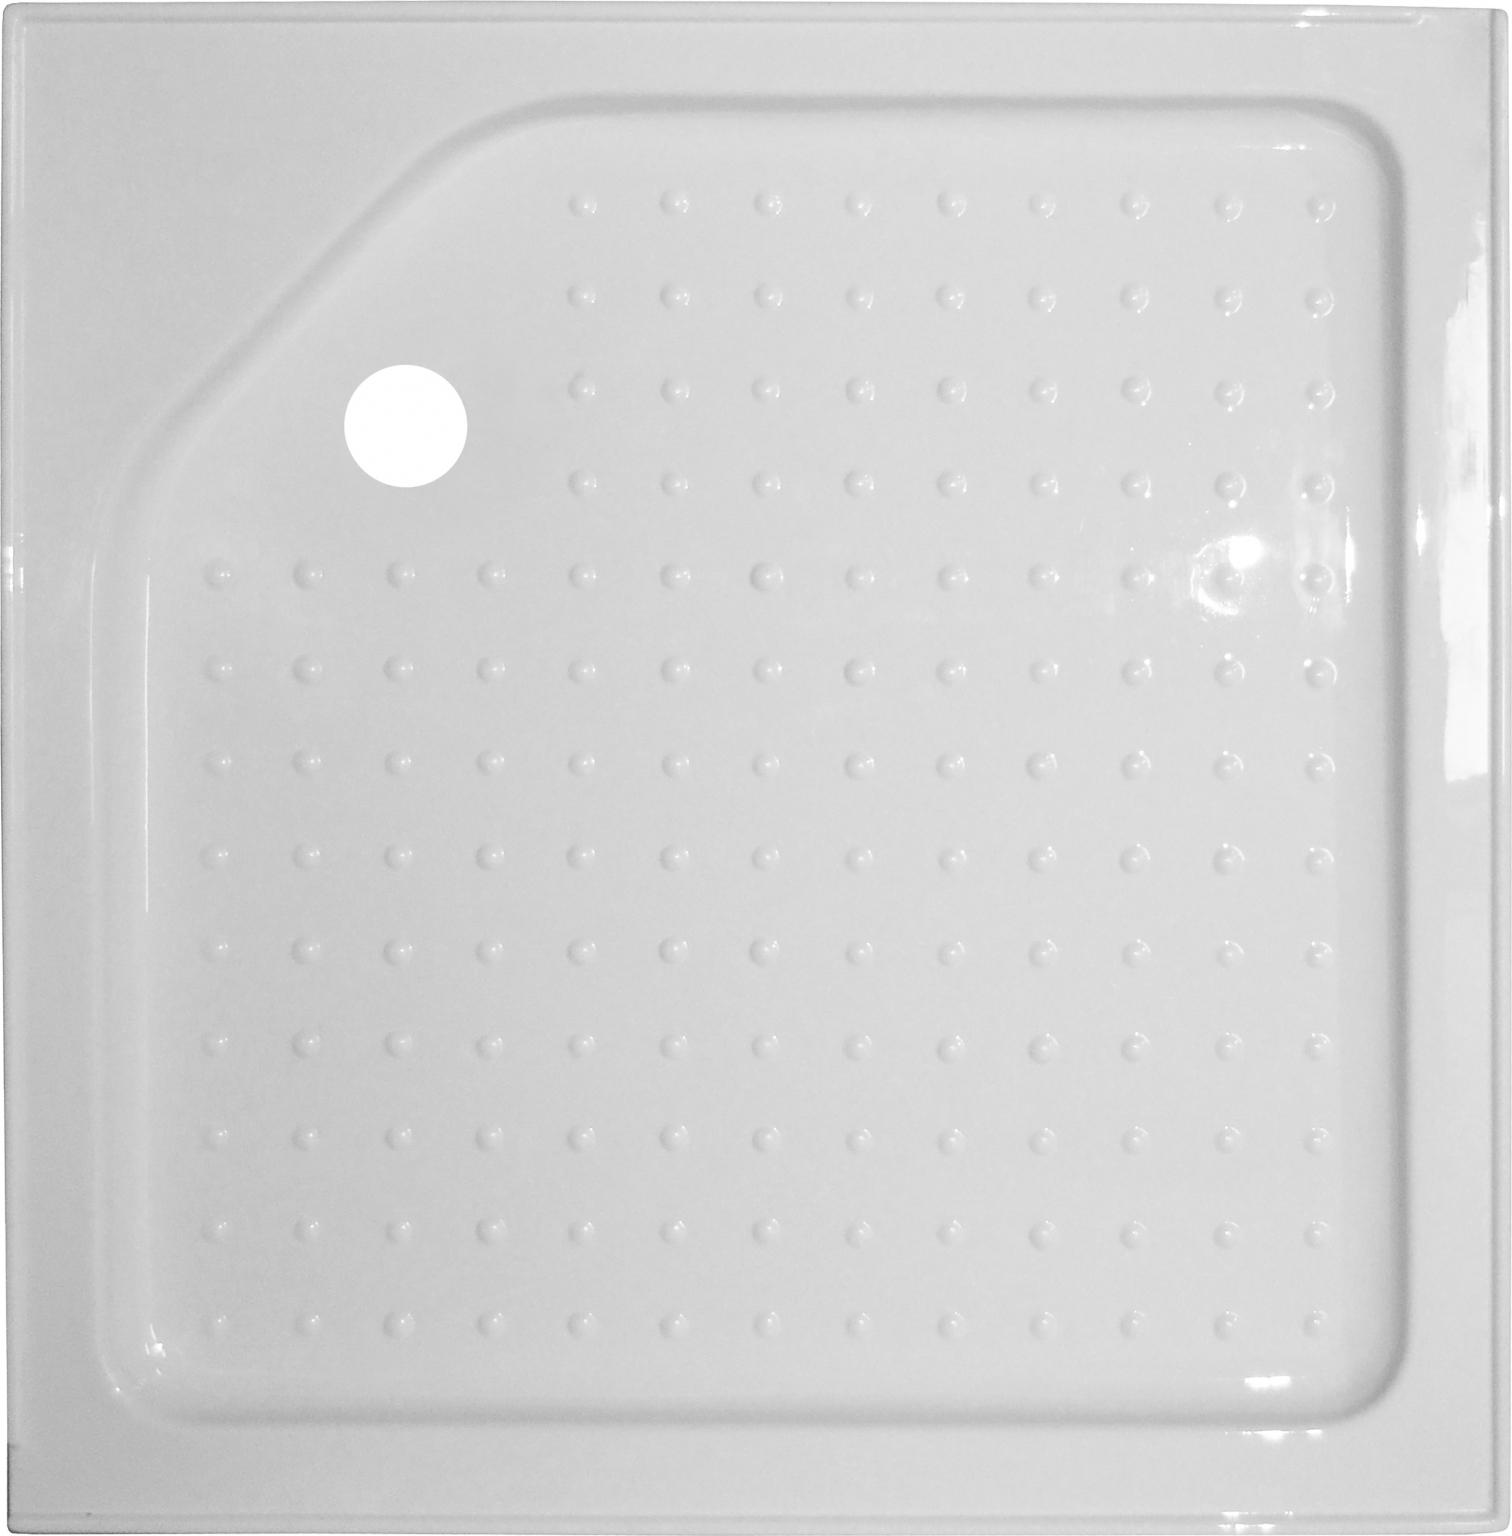 Квадратный душевой поддон Royal bath  90 см (RB 90HP)